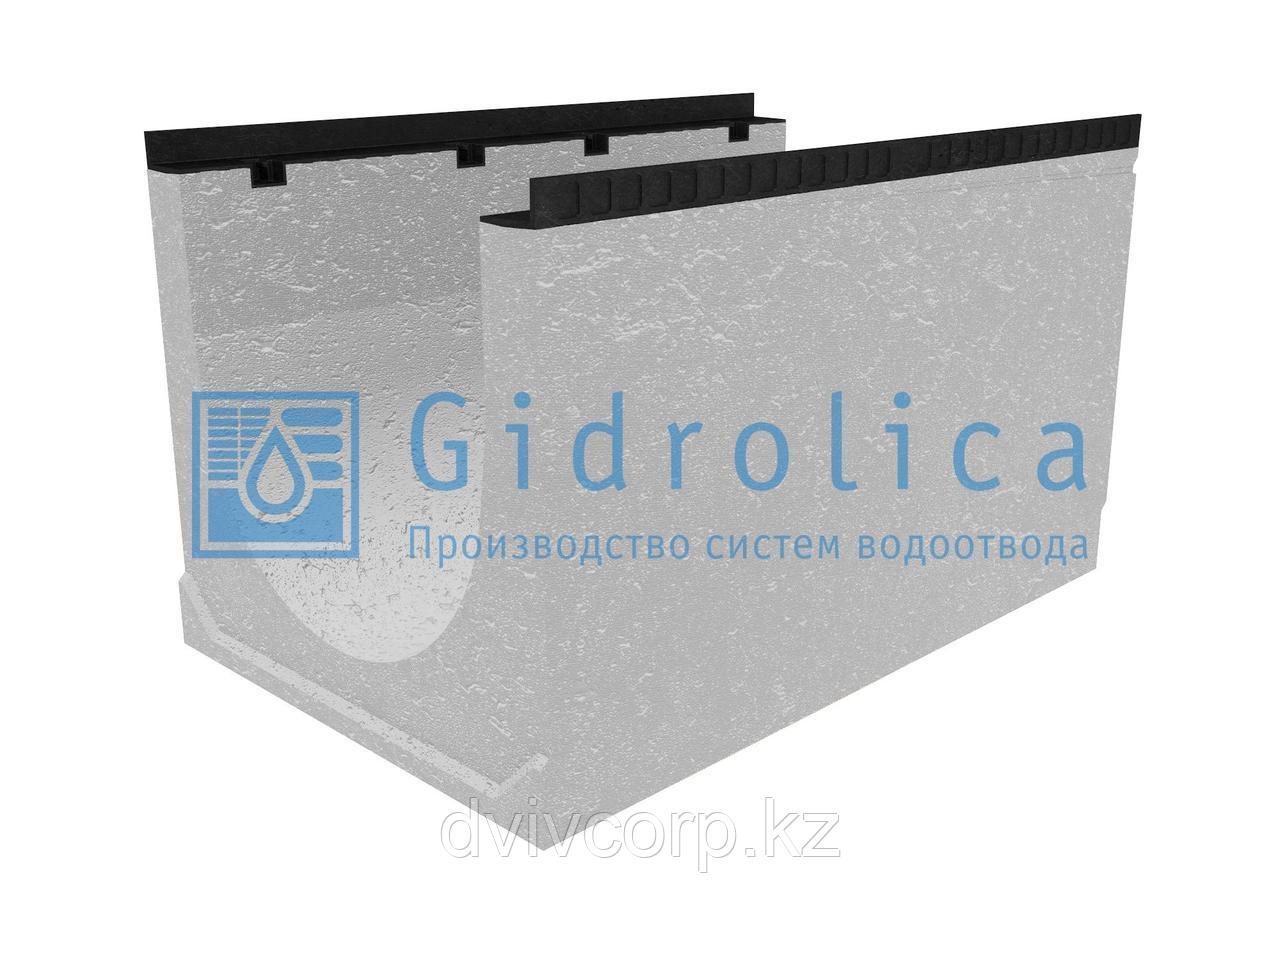 Лоток водоотводный бетонный коробчатый (СО-500мм), с уклоном 0,5%  КUу 100.65(50).62(53) - BGМ, № 34